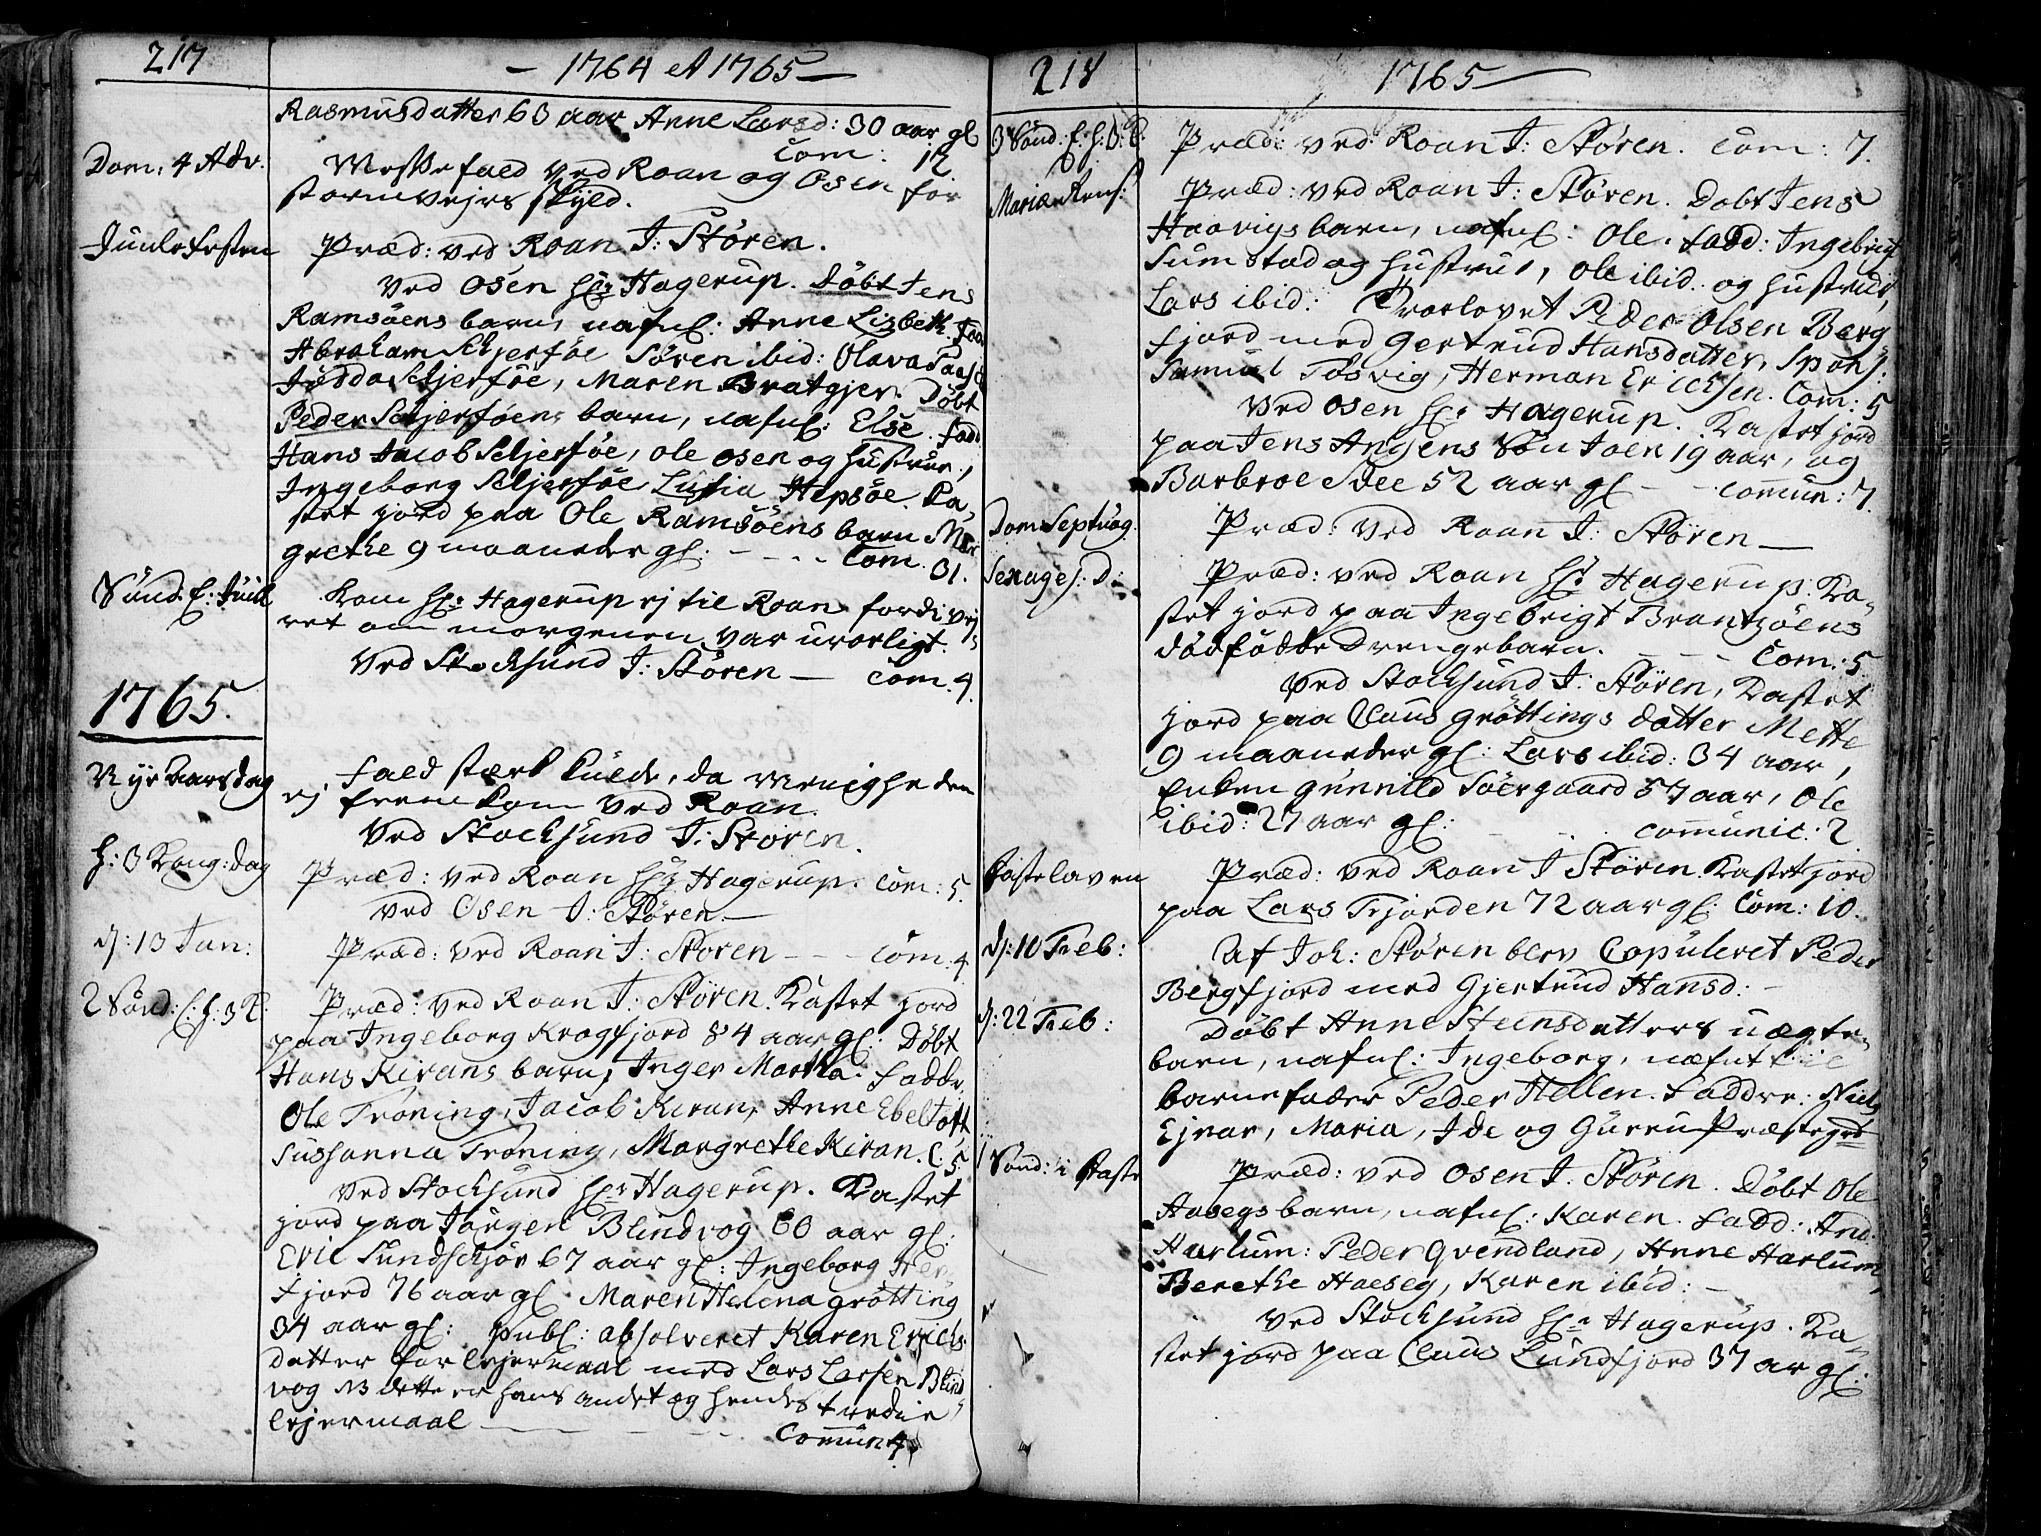 SAT, Ministerialprotokoller, klokkerbøker og fødselsregistre - Sør-Trøndelag, 657/L0700: Ministerialbok nr. 657A01, 1732-1801, s. 217-218